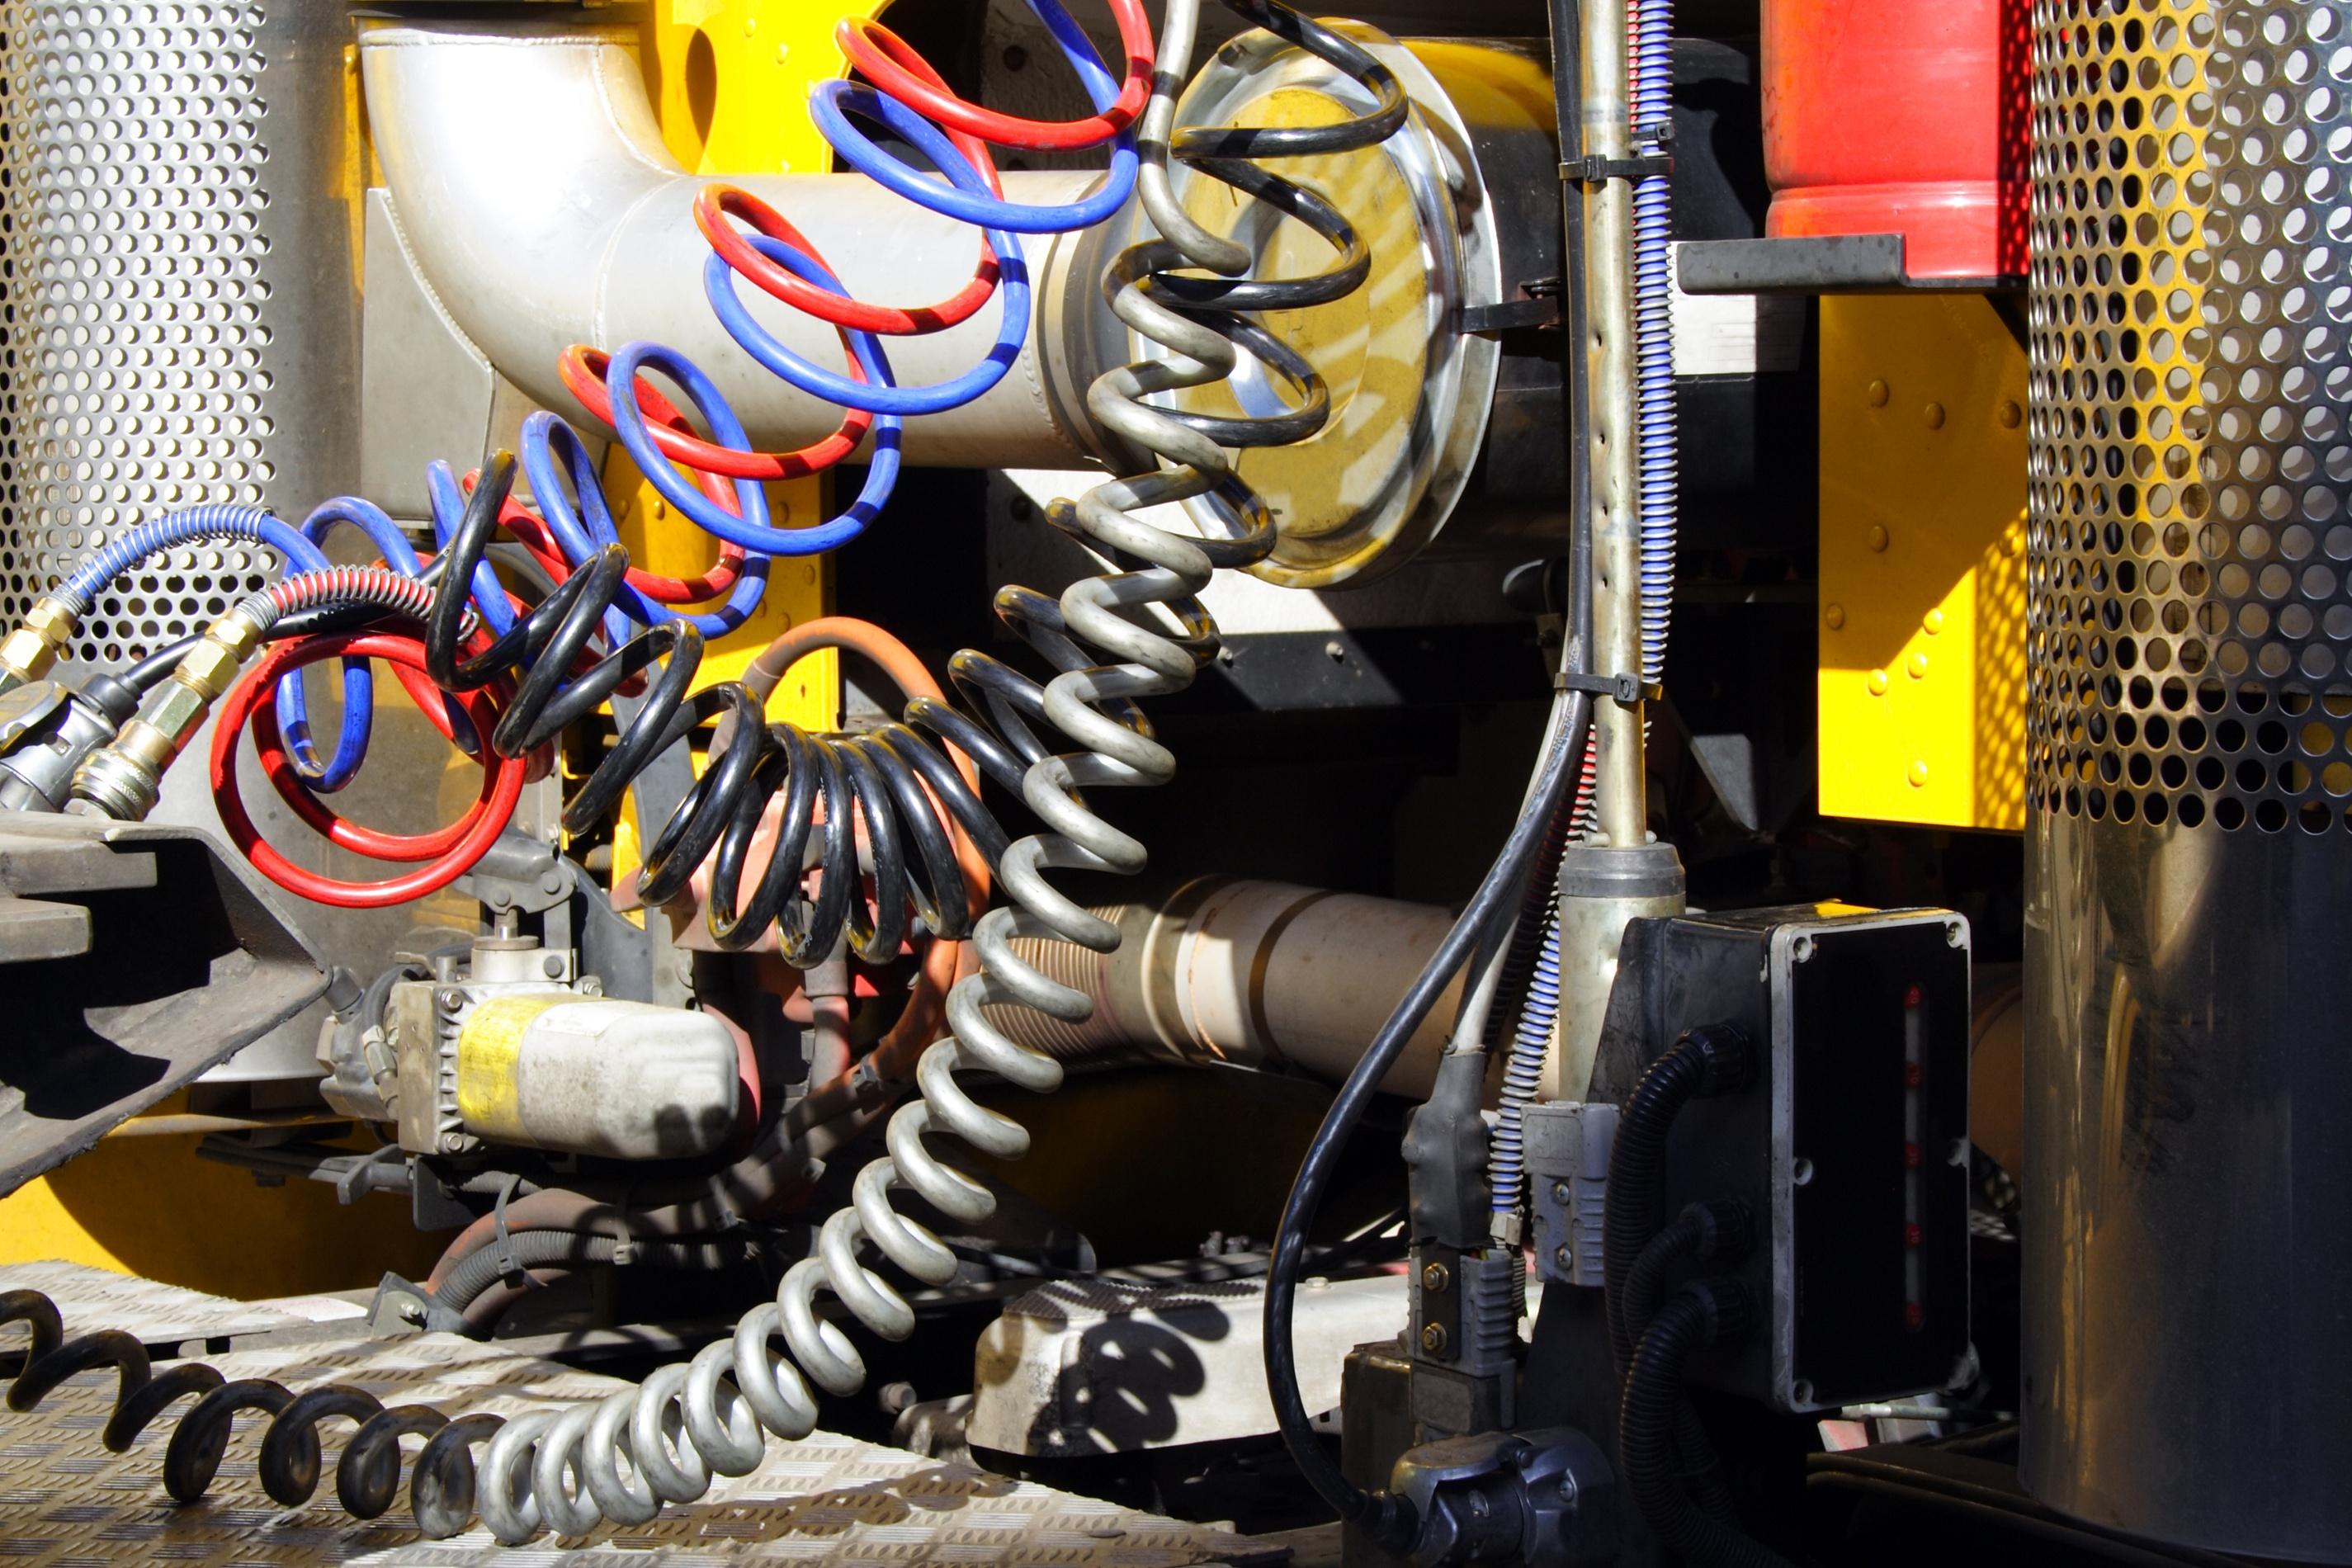 Brake_Wires